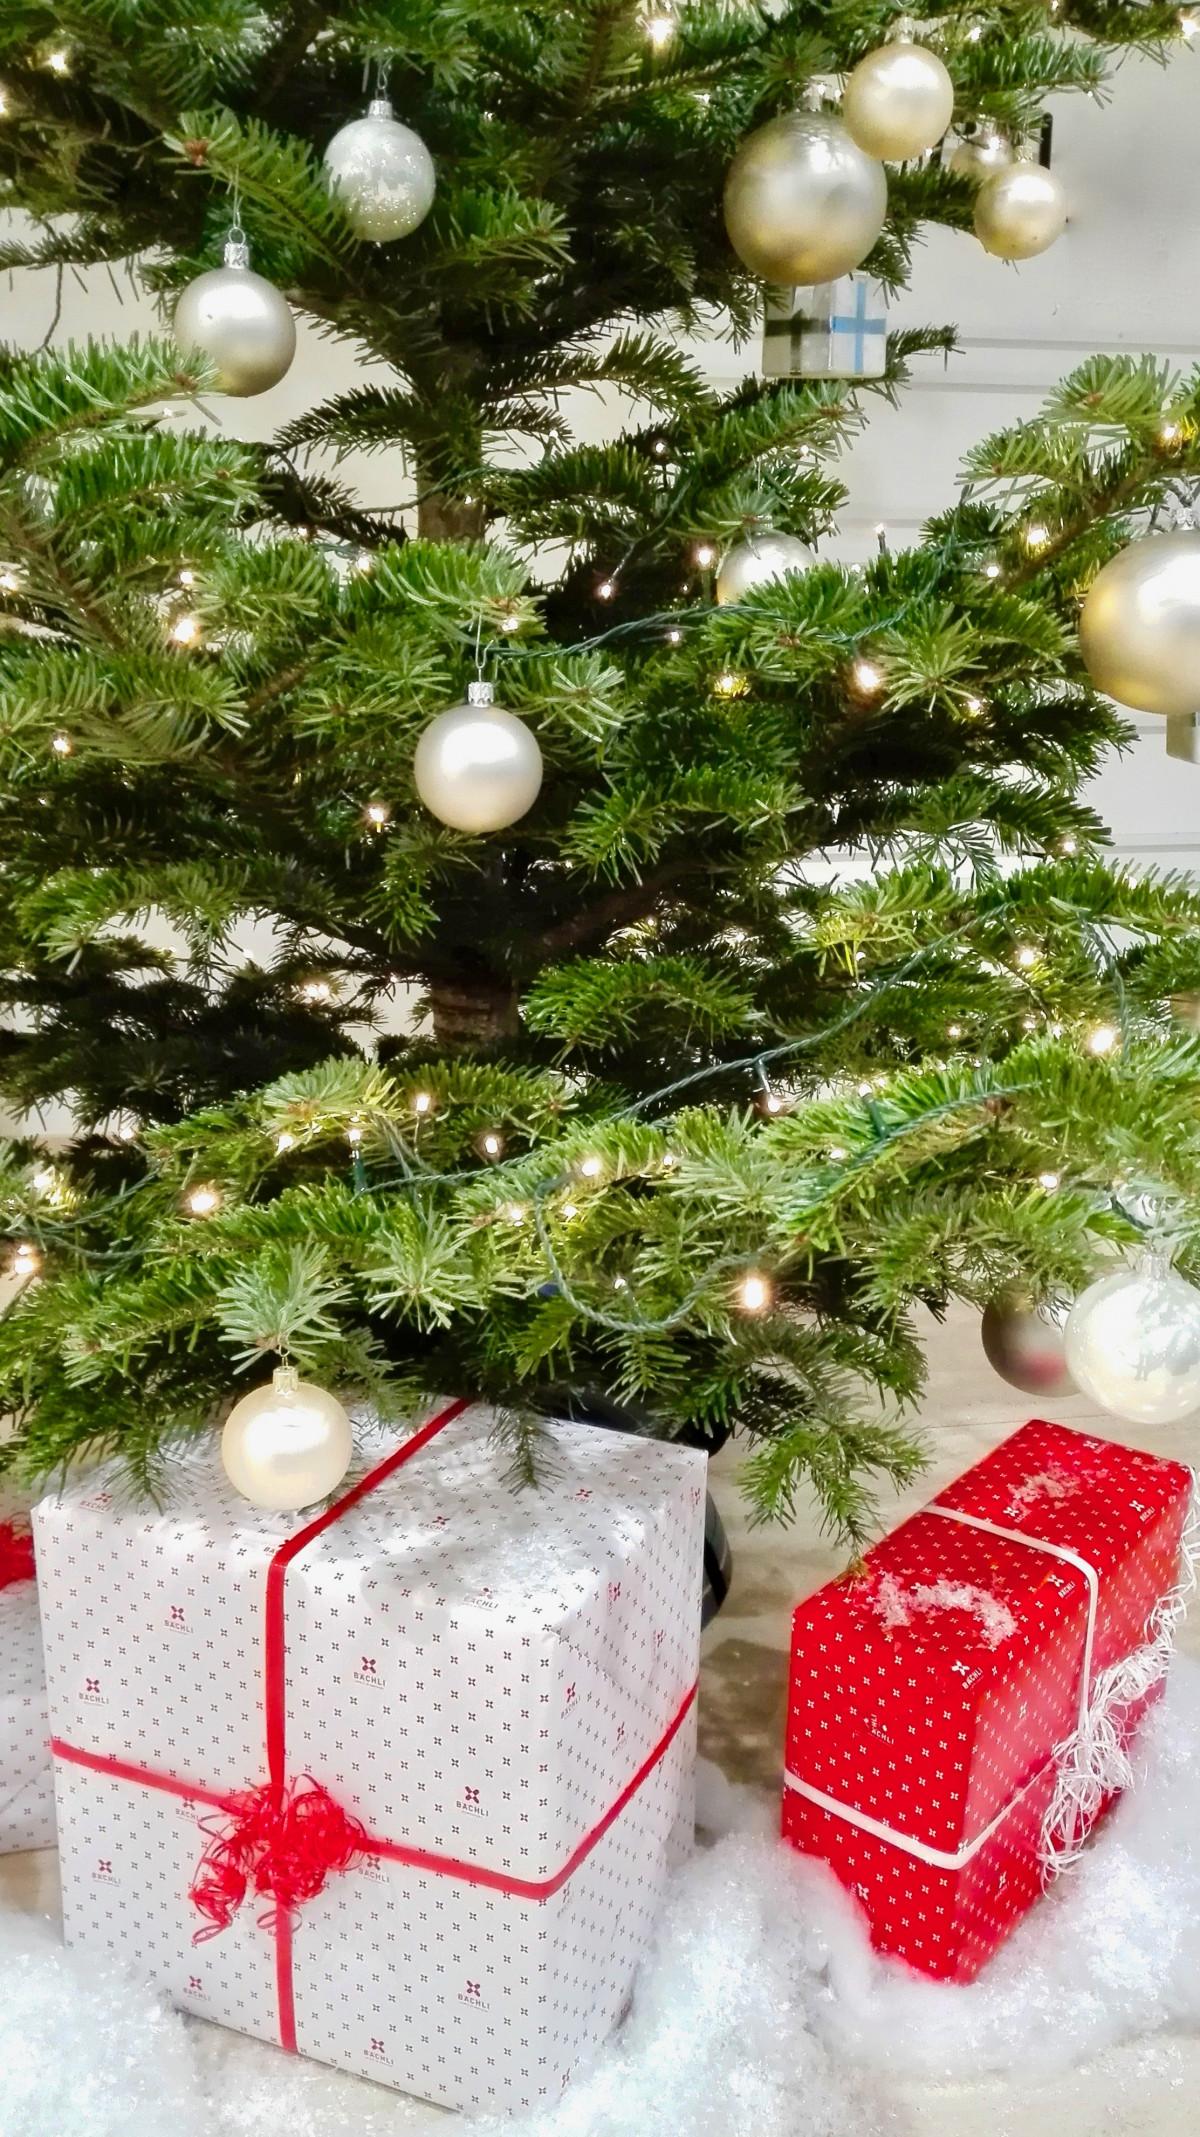 Images gratuites branche fleur sapin arbre de no l av nement d coration de no l cadeaux - Branche arbre decoration ...